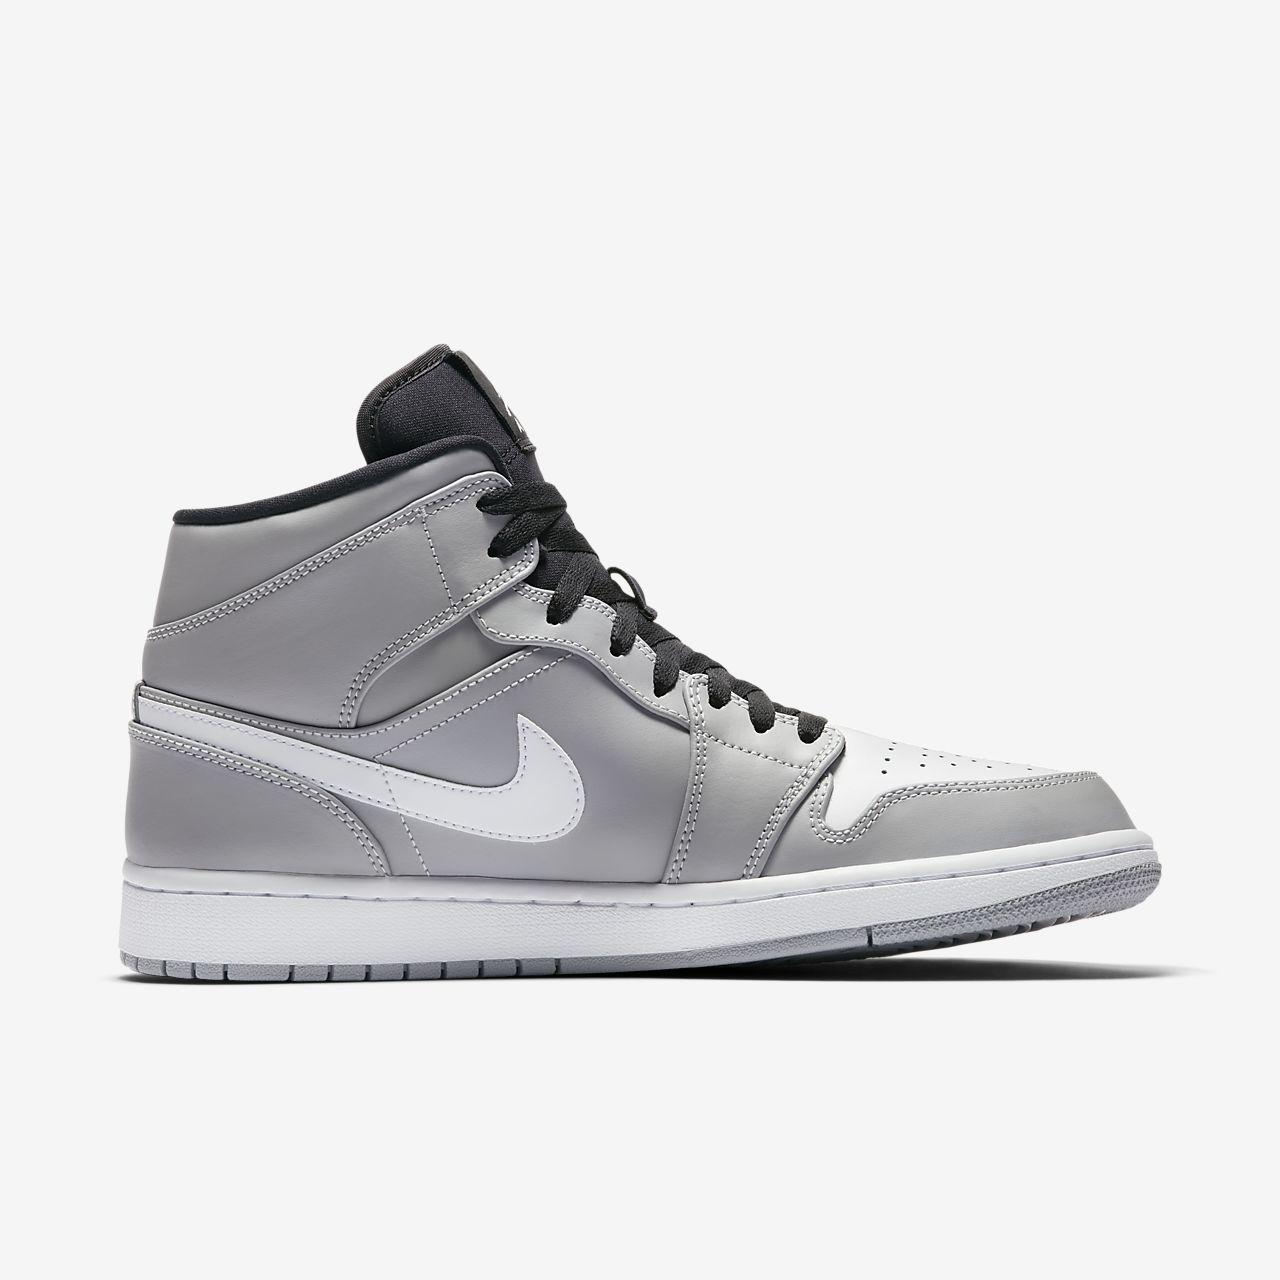 ... Chaussure Air Jordan 1 Mid pour Homme